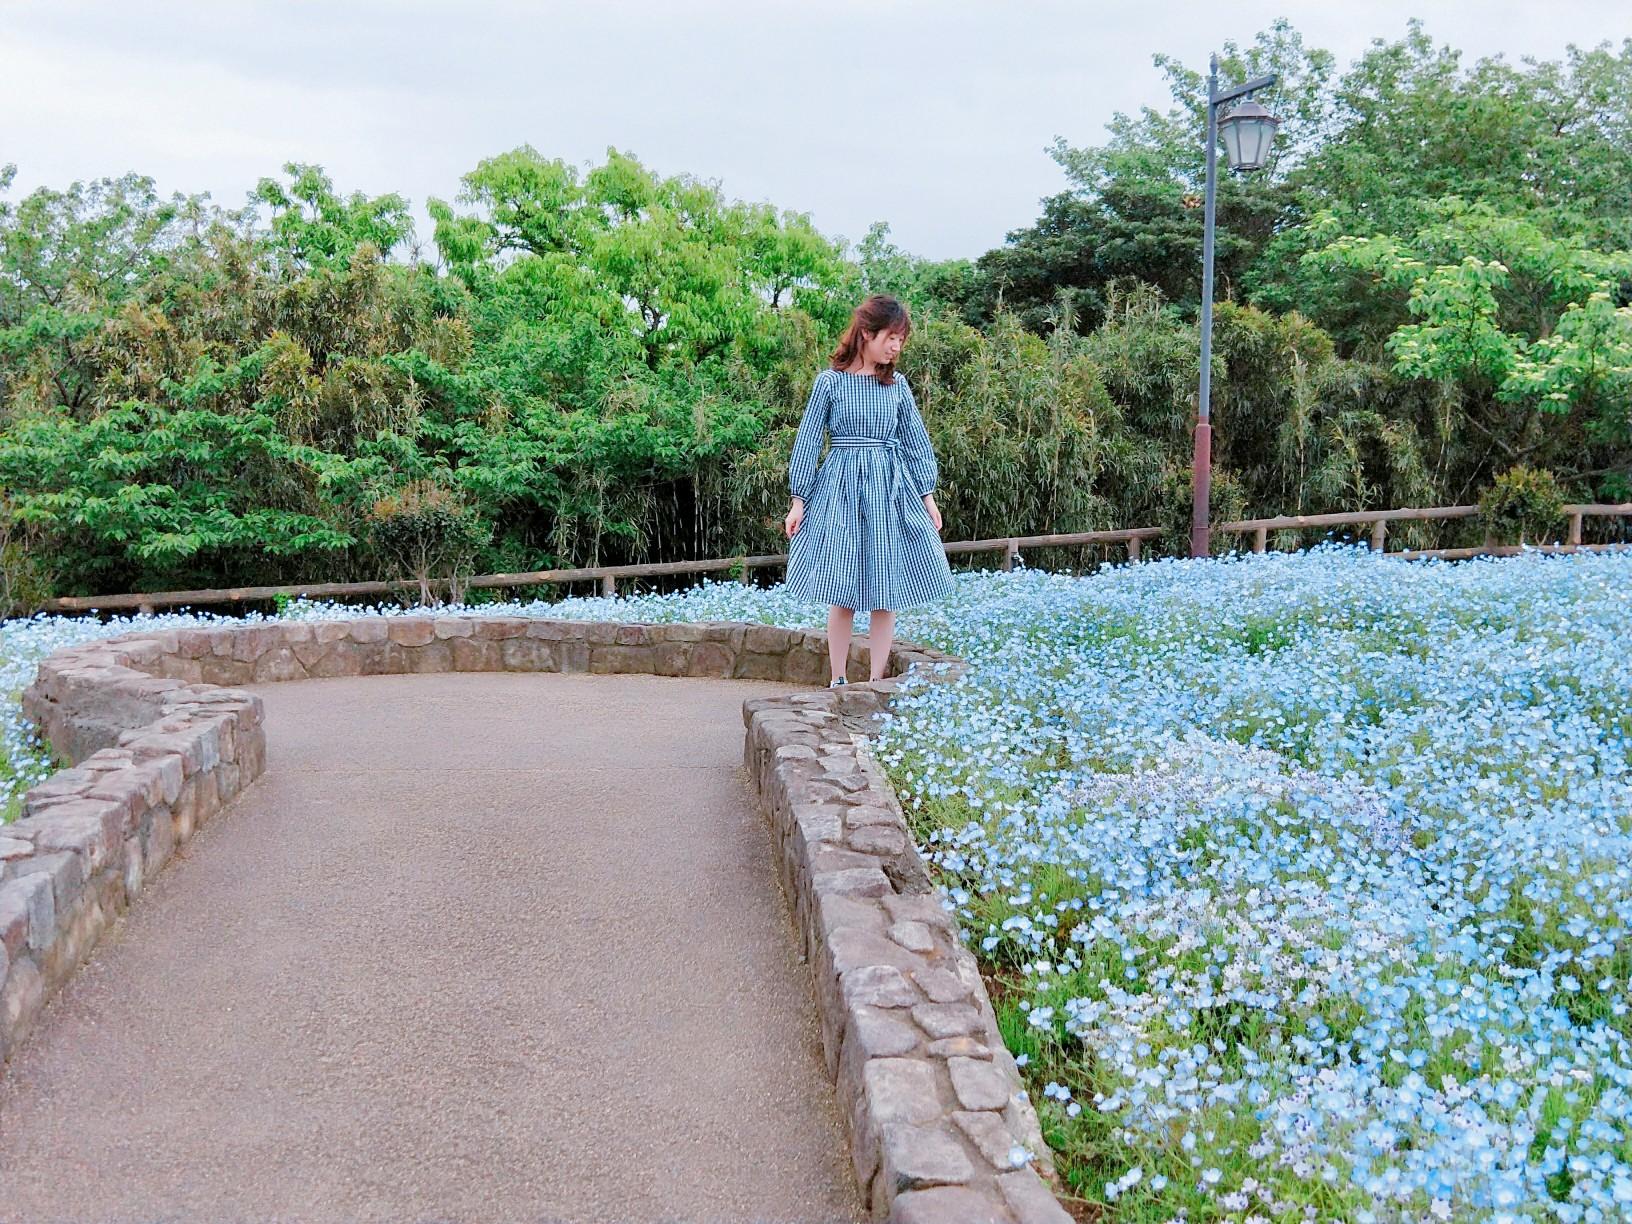 神奈川県でも見られる!ネモフィラ✿ポピー祭りも開催中!_3